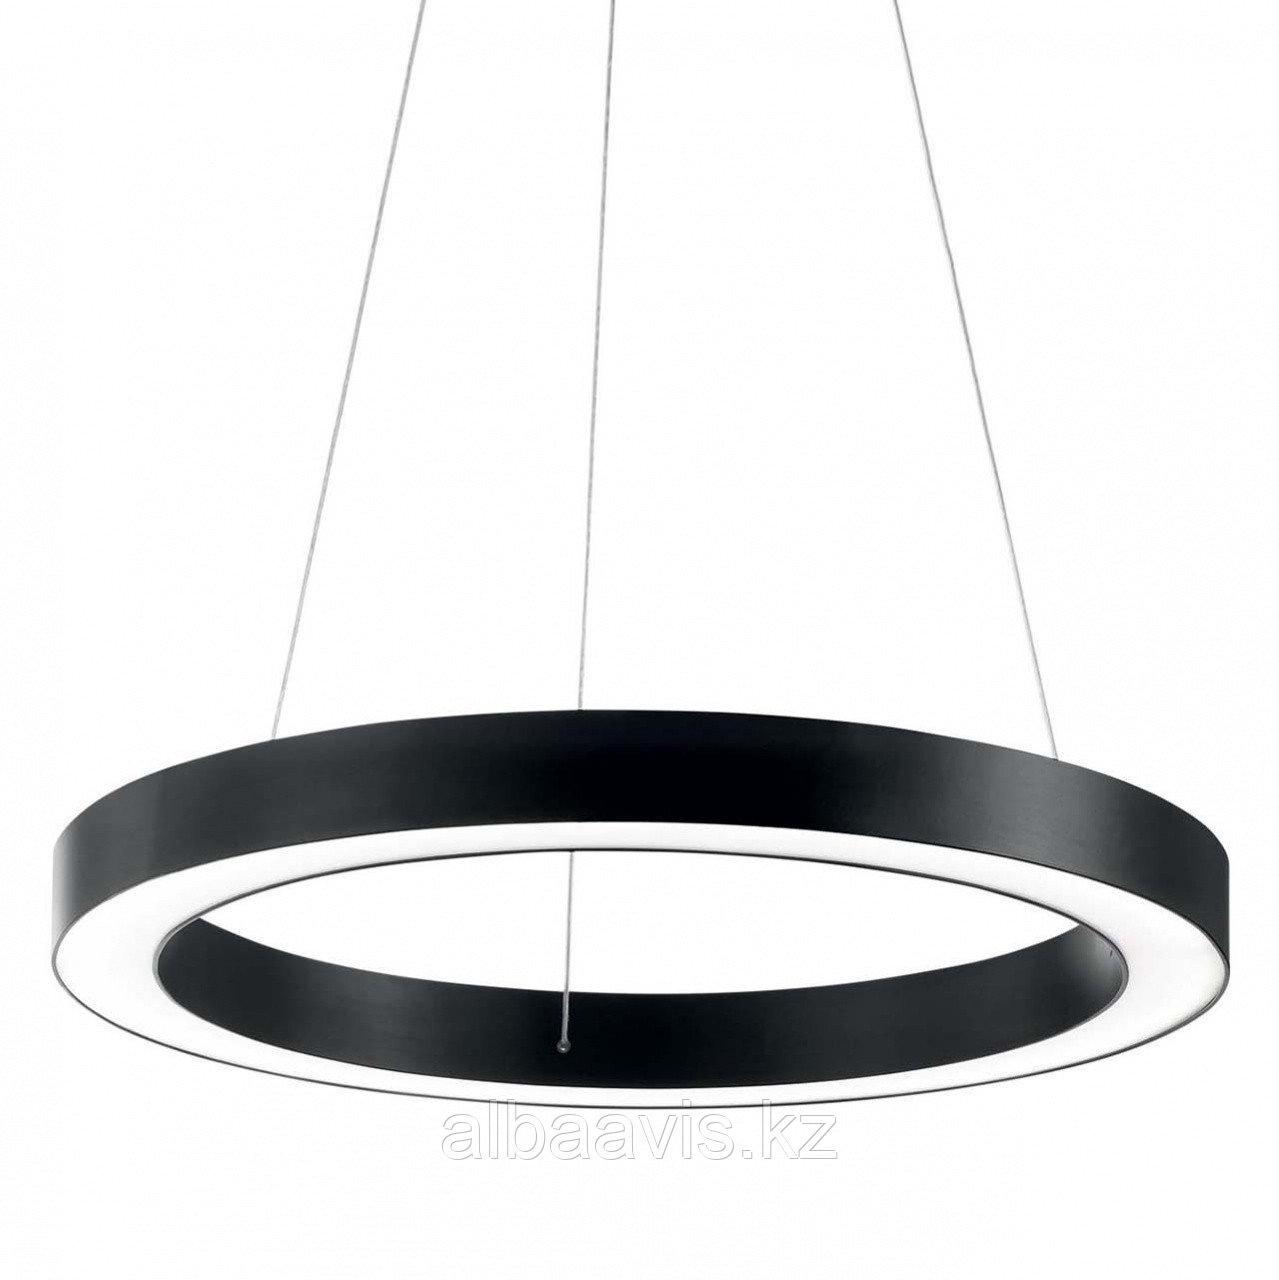 Светильники подвесные в стиле хай-тек 120х110х8 см, витражные люстры, люстры в стиле хай-тек, люстра